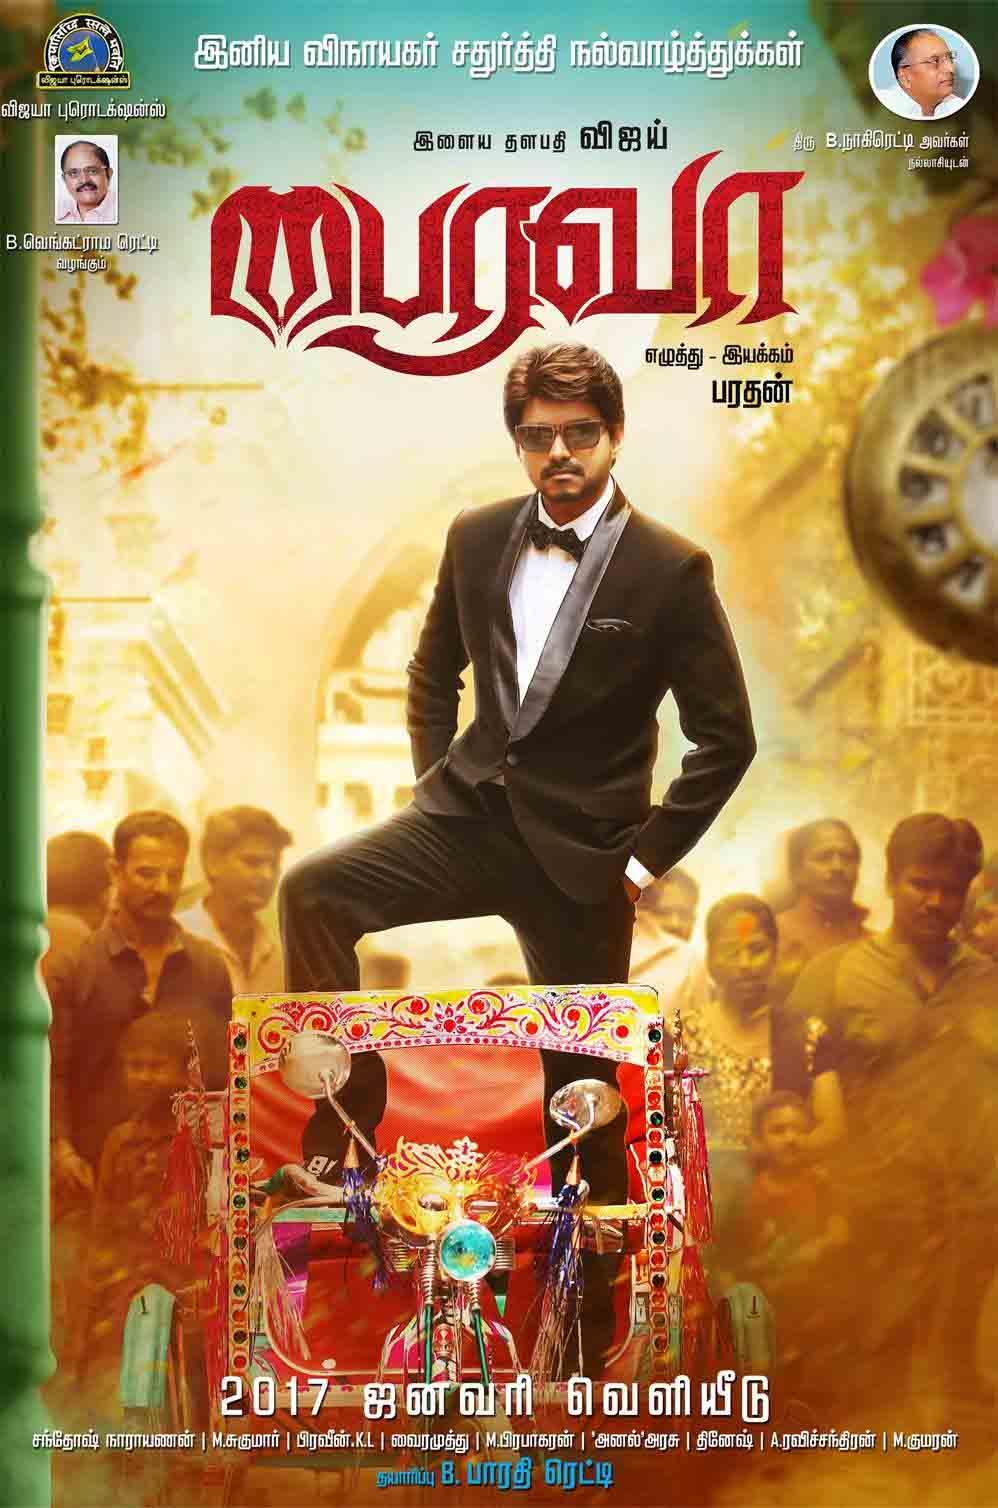 Bhairava movie poster